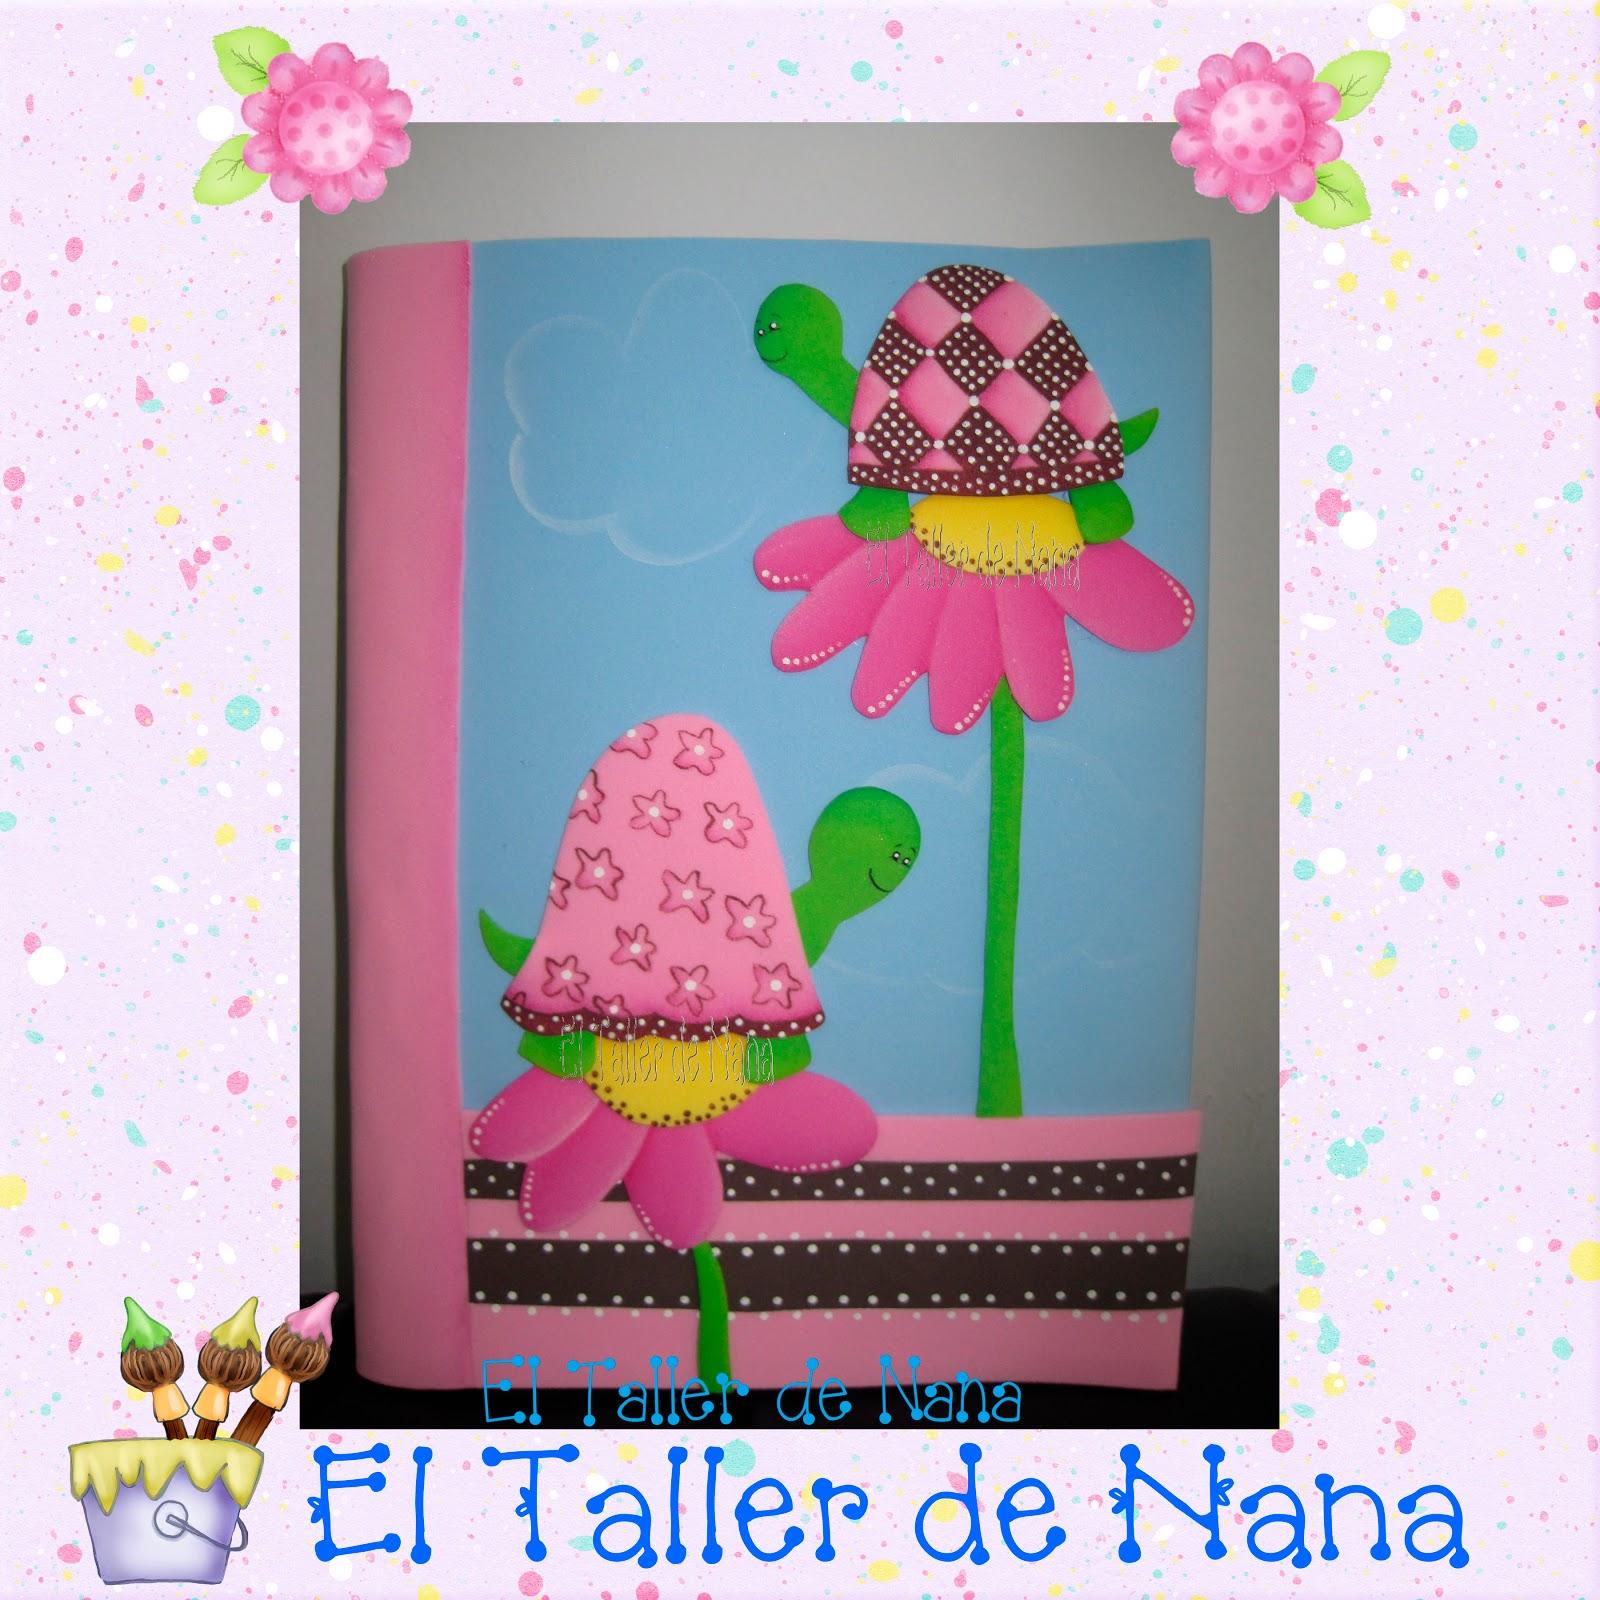 Publicado Por Adriana Mar  A Villanueva G  Mez En 3 11 P M  1